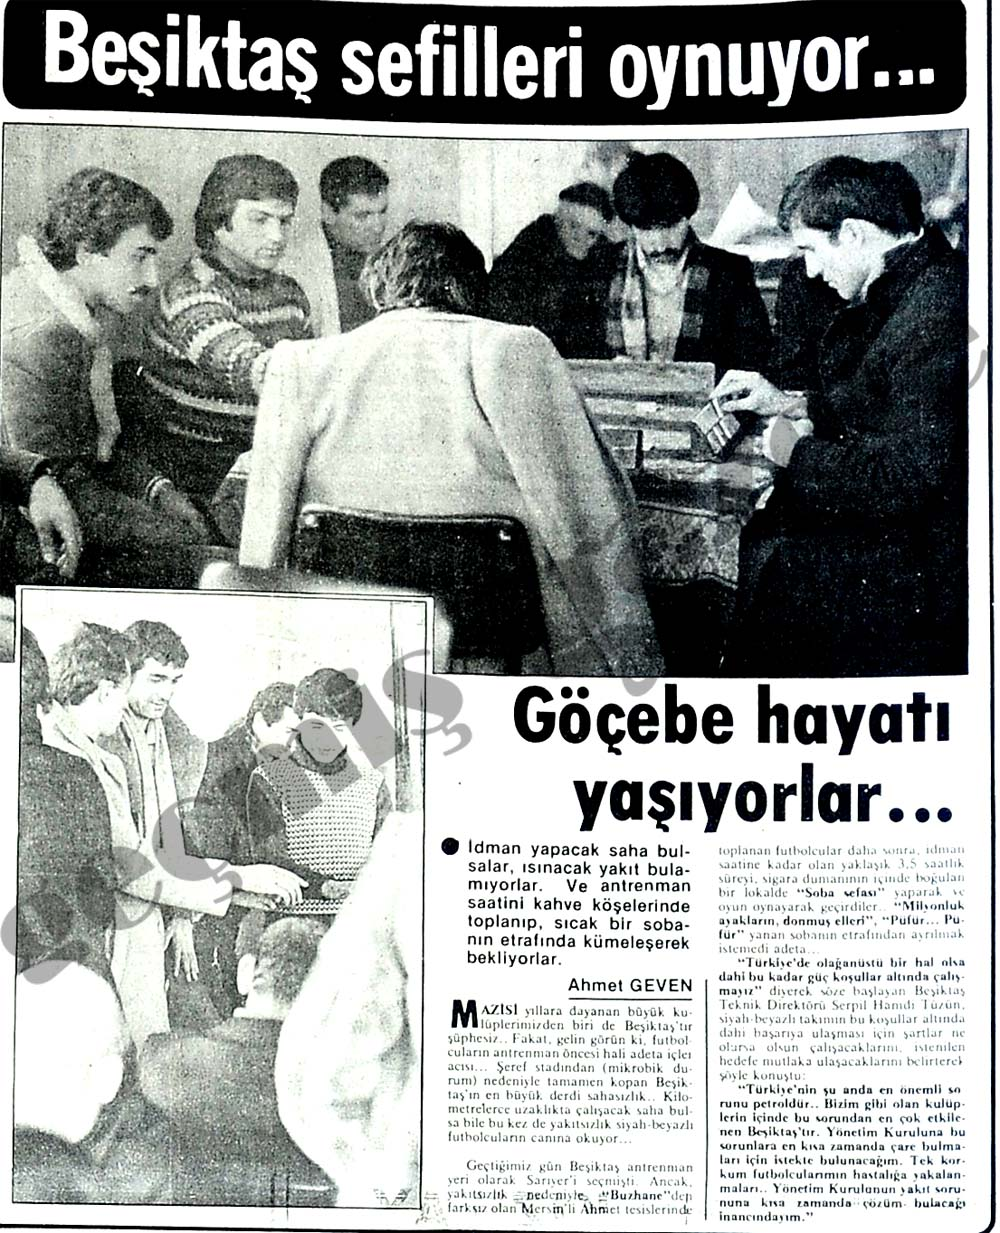 Beşiktaş sefilleri oynuyor